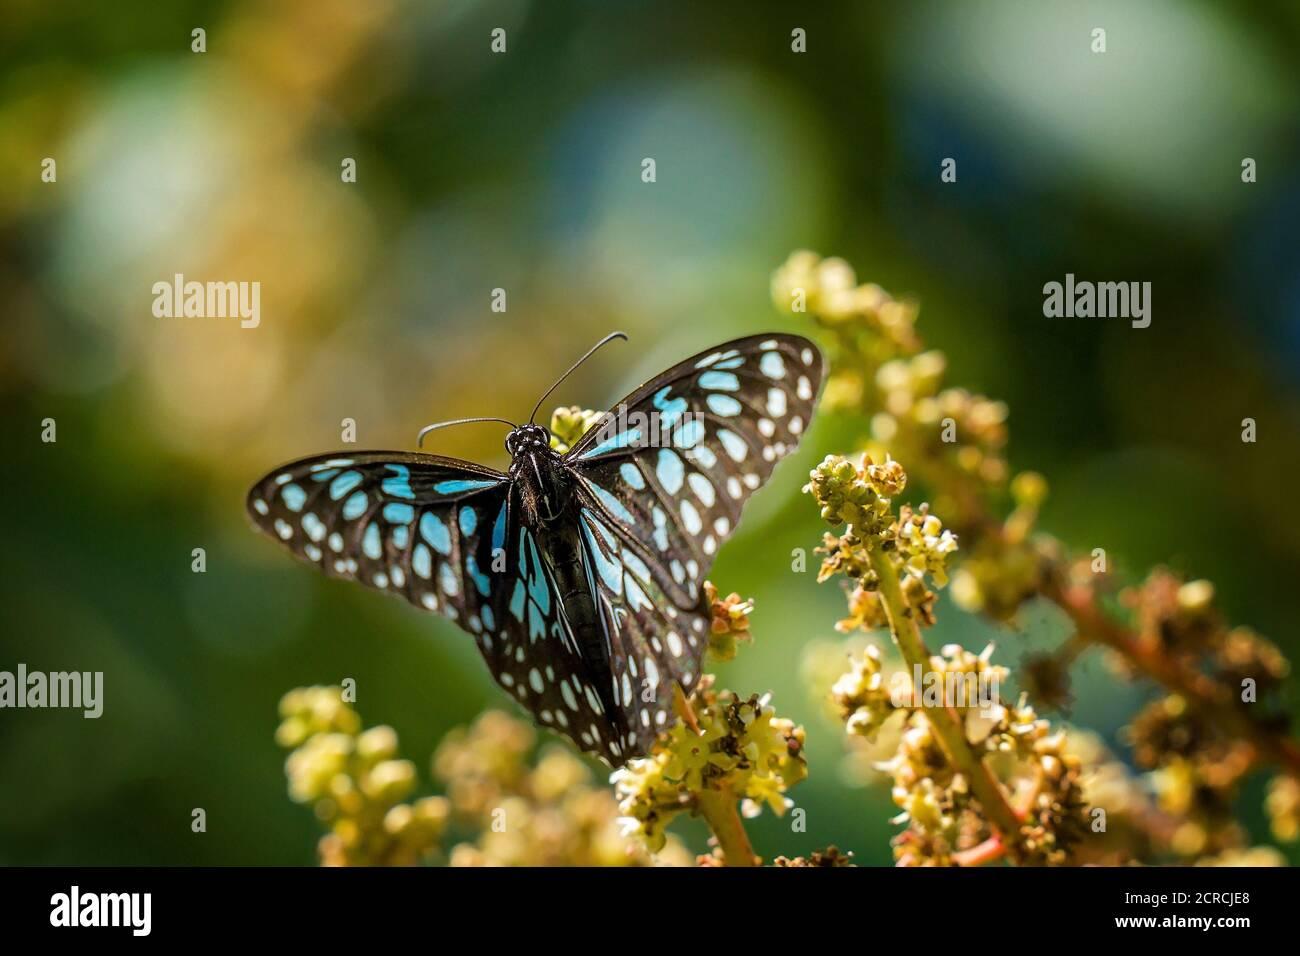 Una mariposa azul tigre chupar néctar de una flor Foto de stock